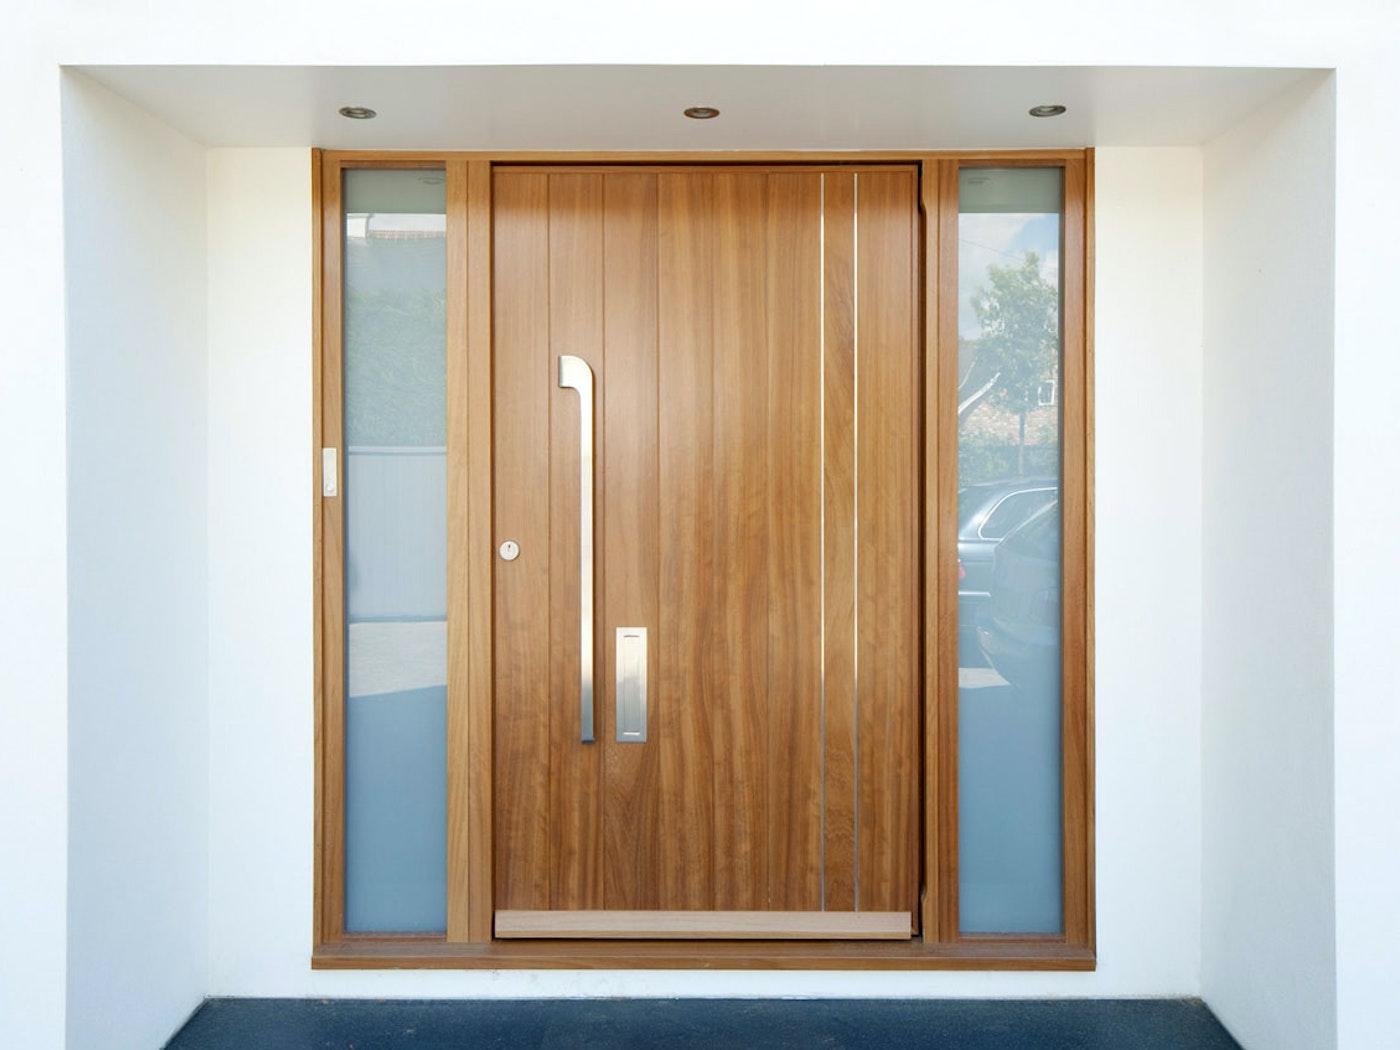 Iroko wood   Stainless steel detail   Porto v front door